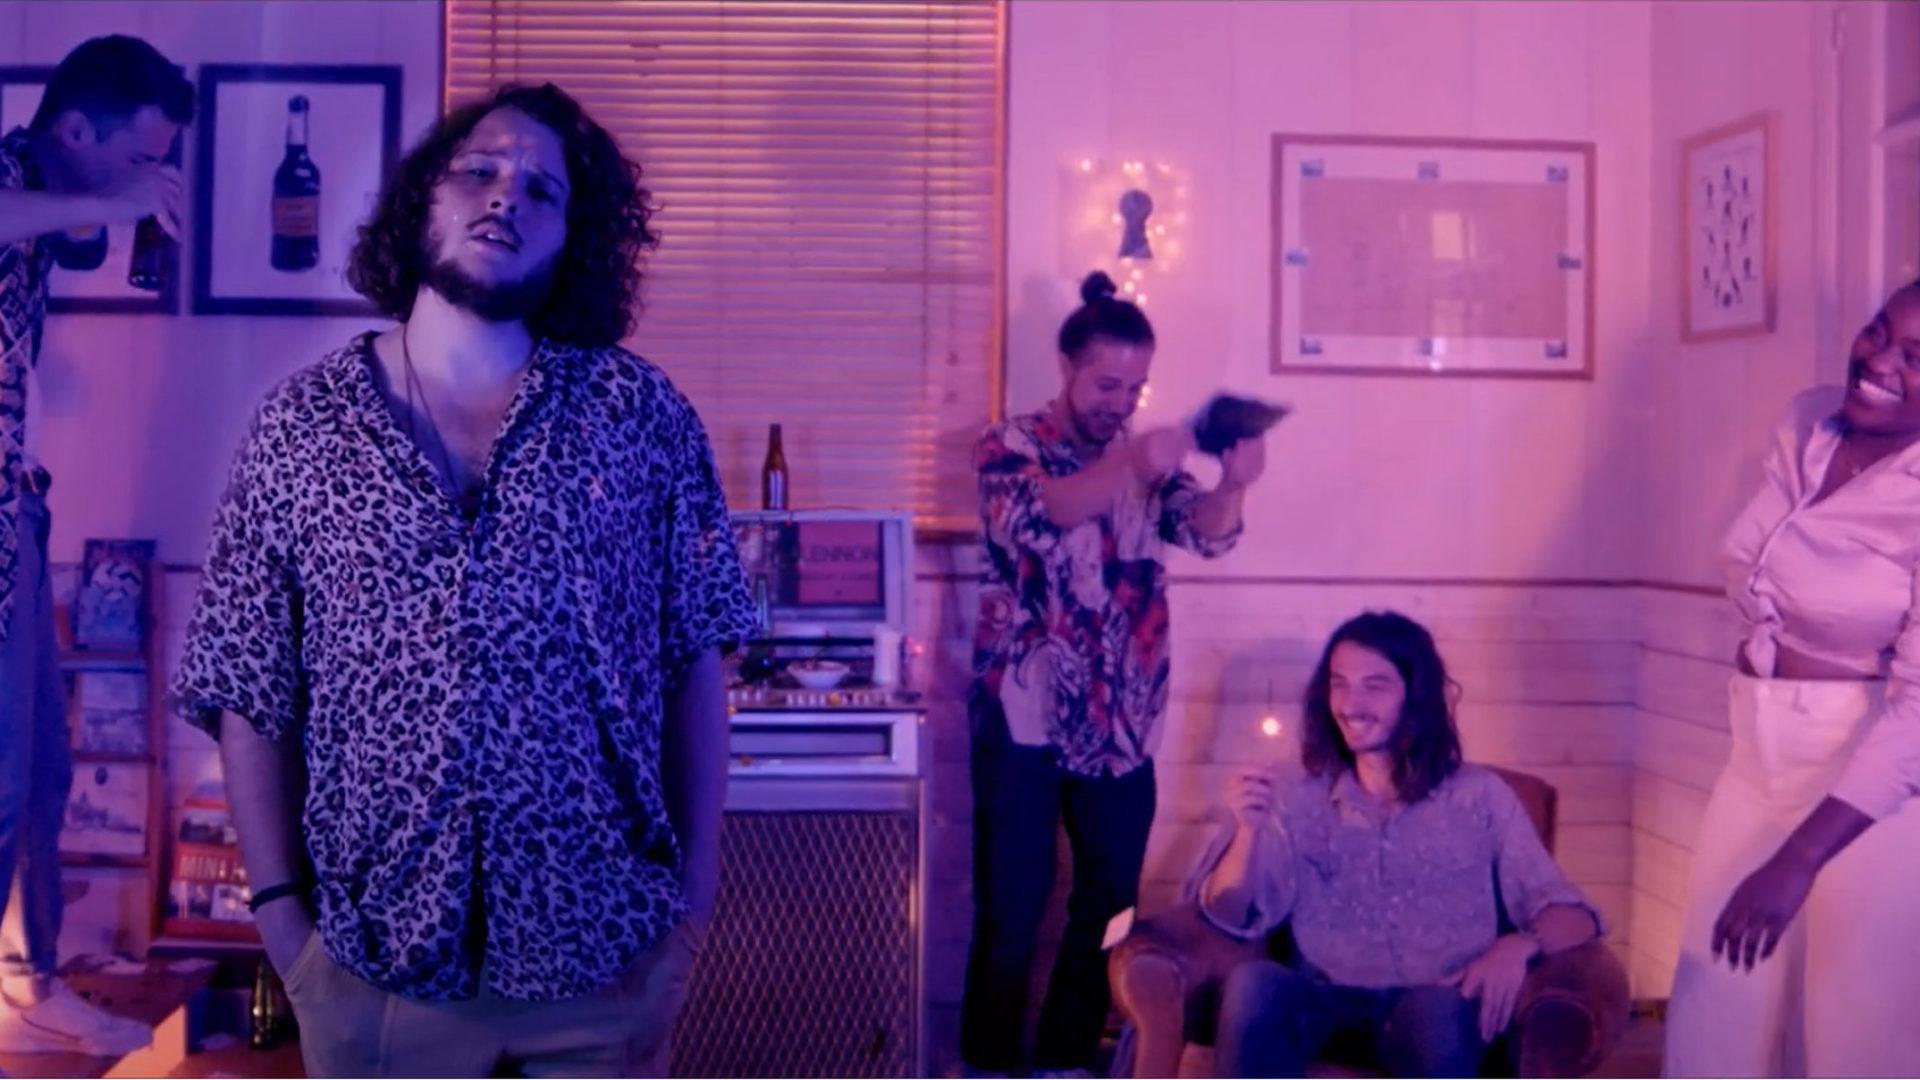 Le nouveau clip d'Upseen, Half Moon, douceur d'une nuit d'été